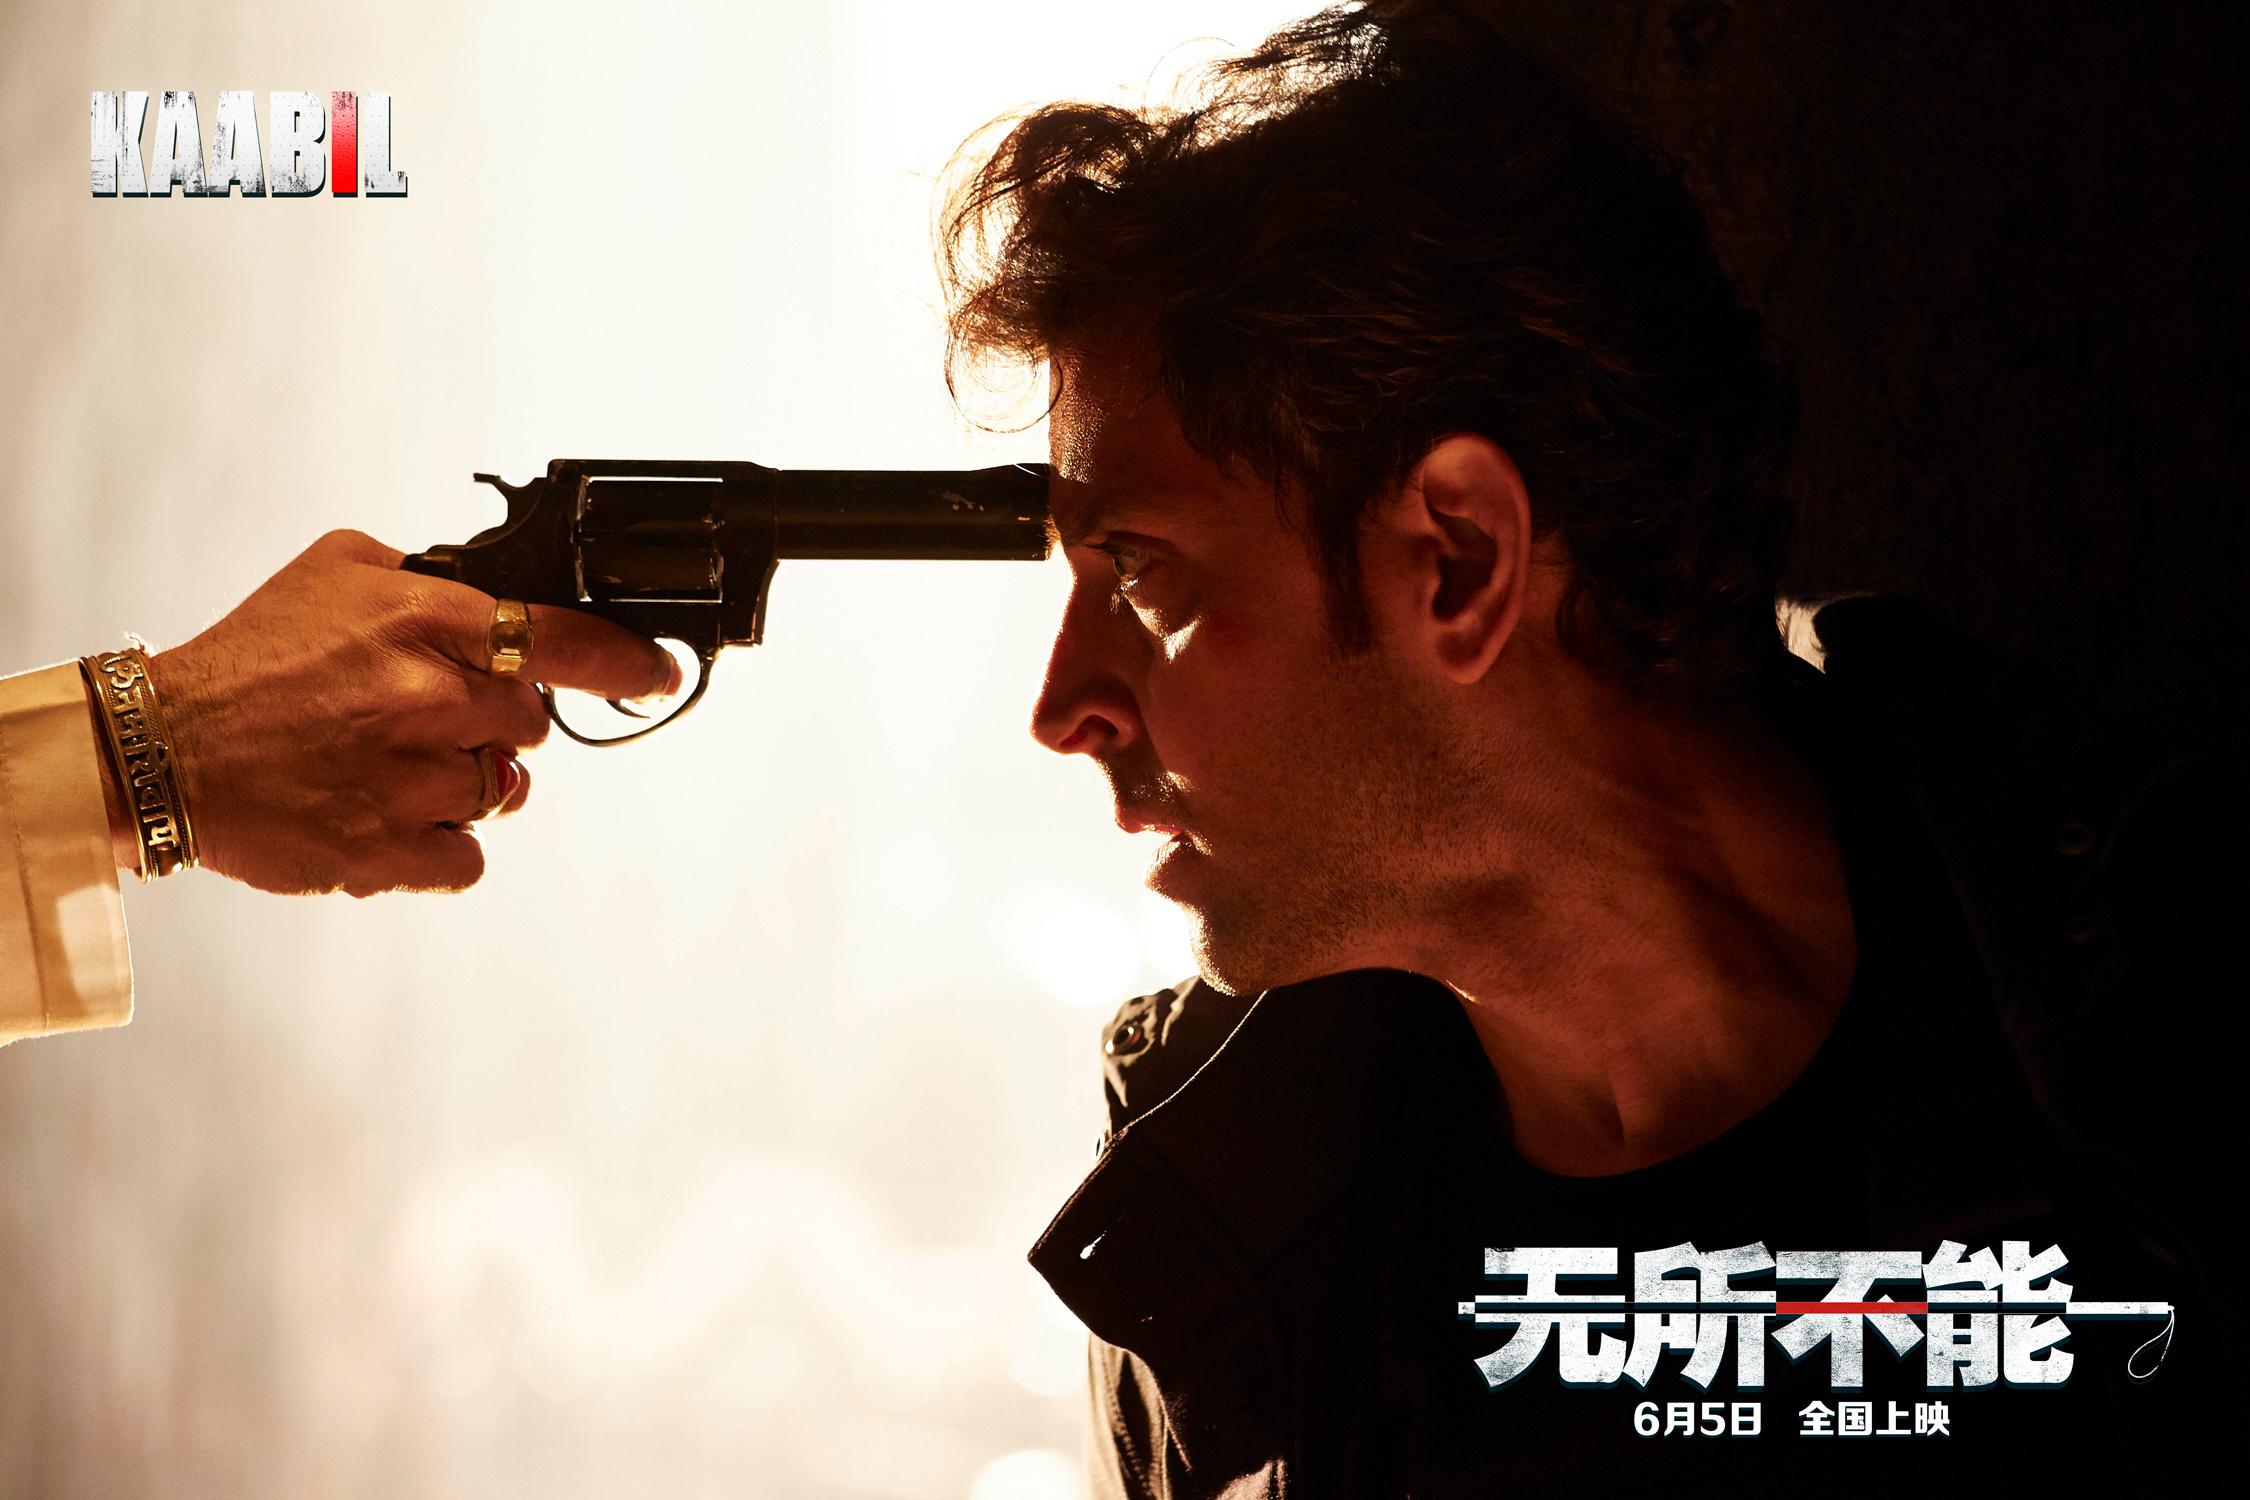 印度电影《无所不能》今日公映 四大看点全解读